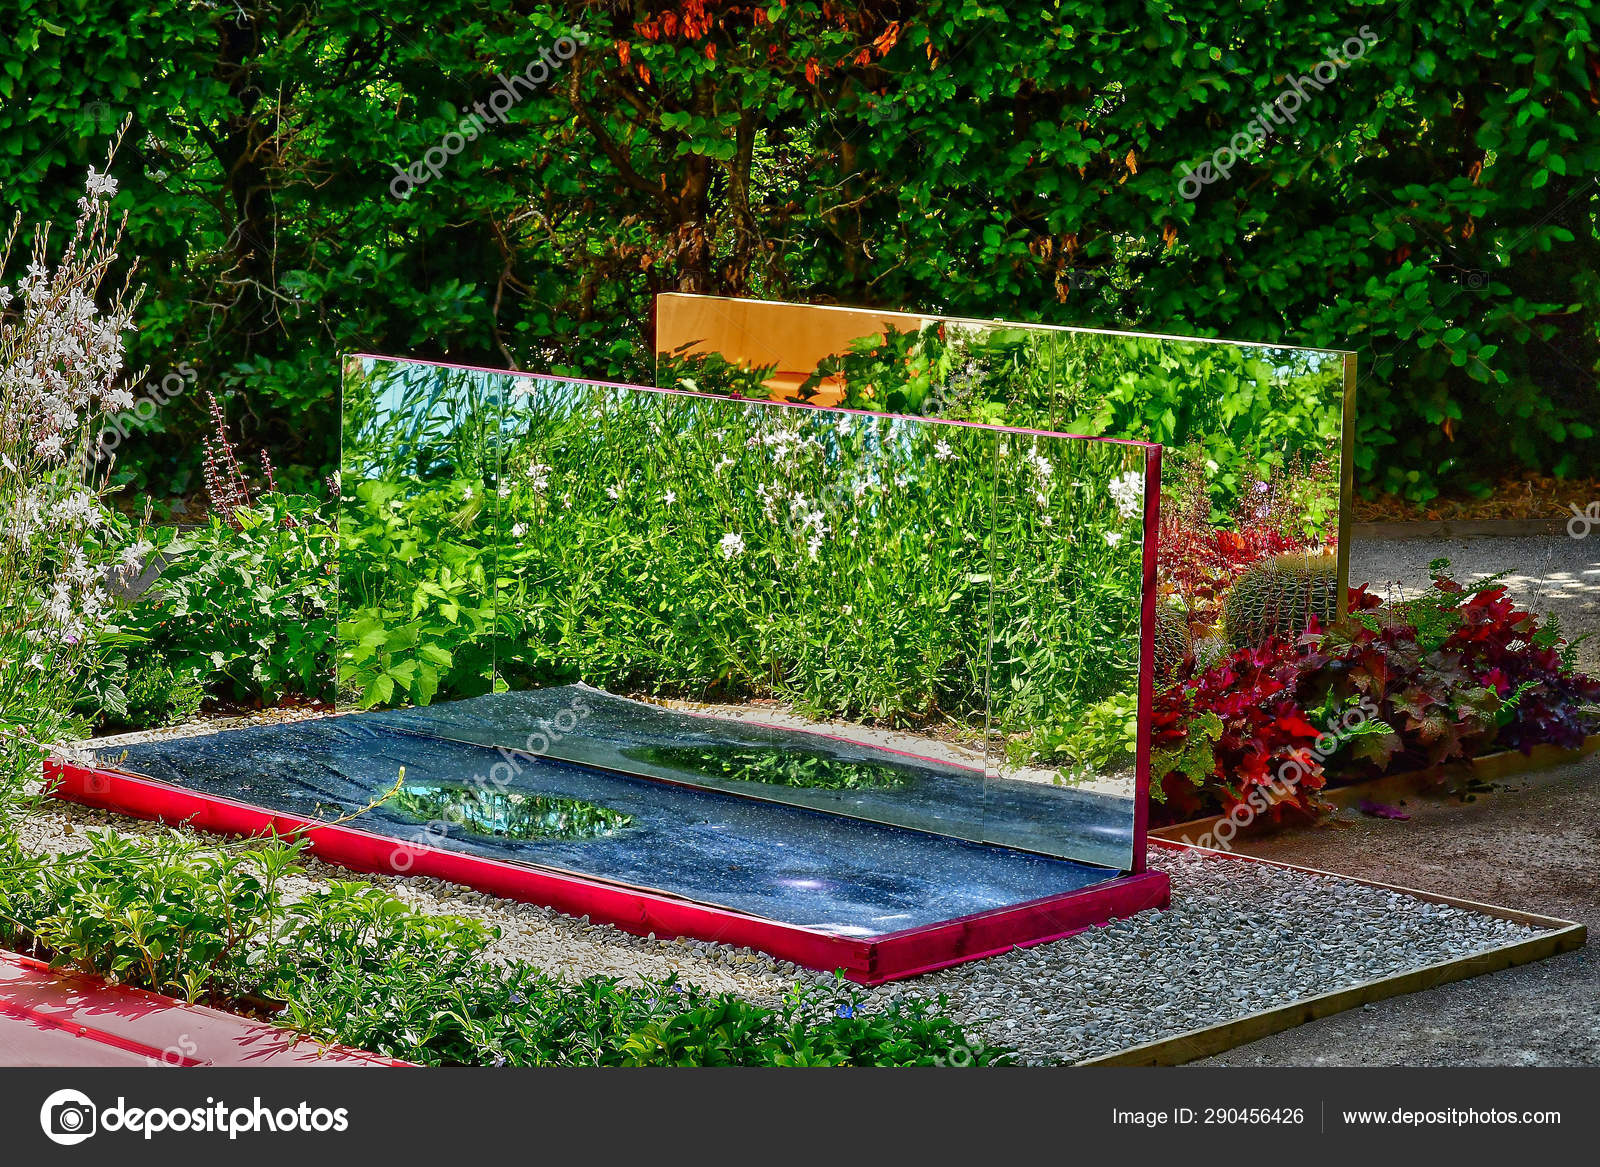 Festival Des Jardins Chaumont Sur Loire 2009 chaumont sur loire; france - june 29 2019: the international